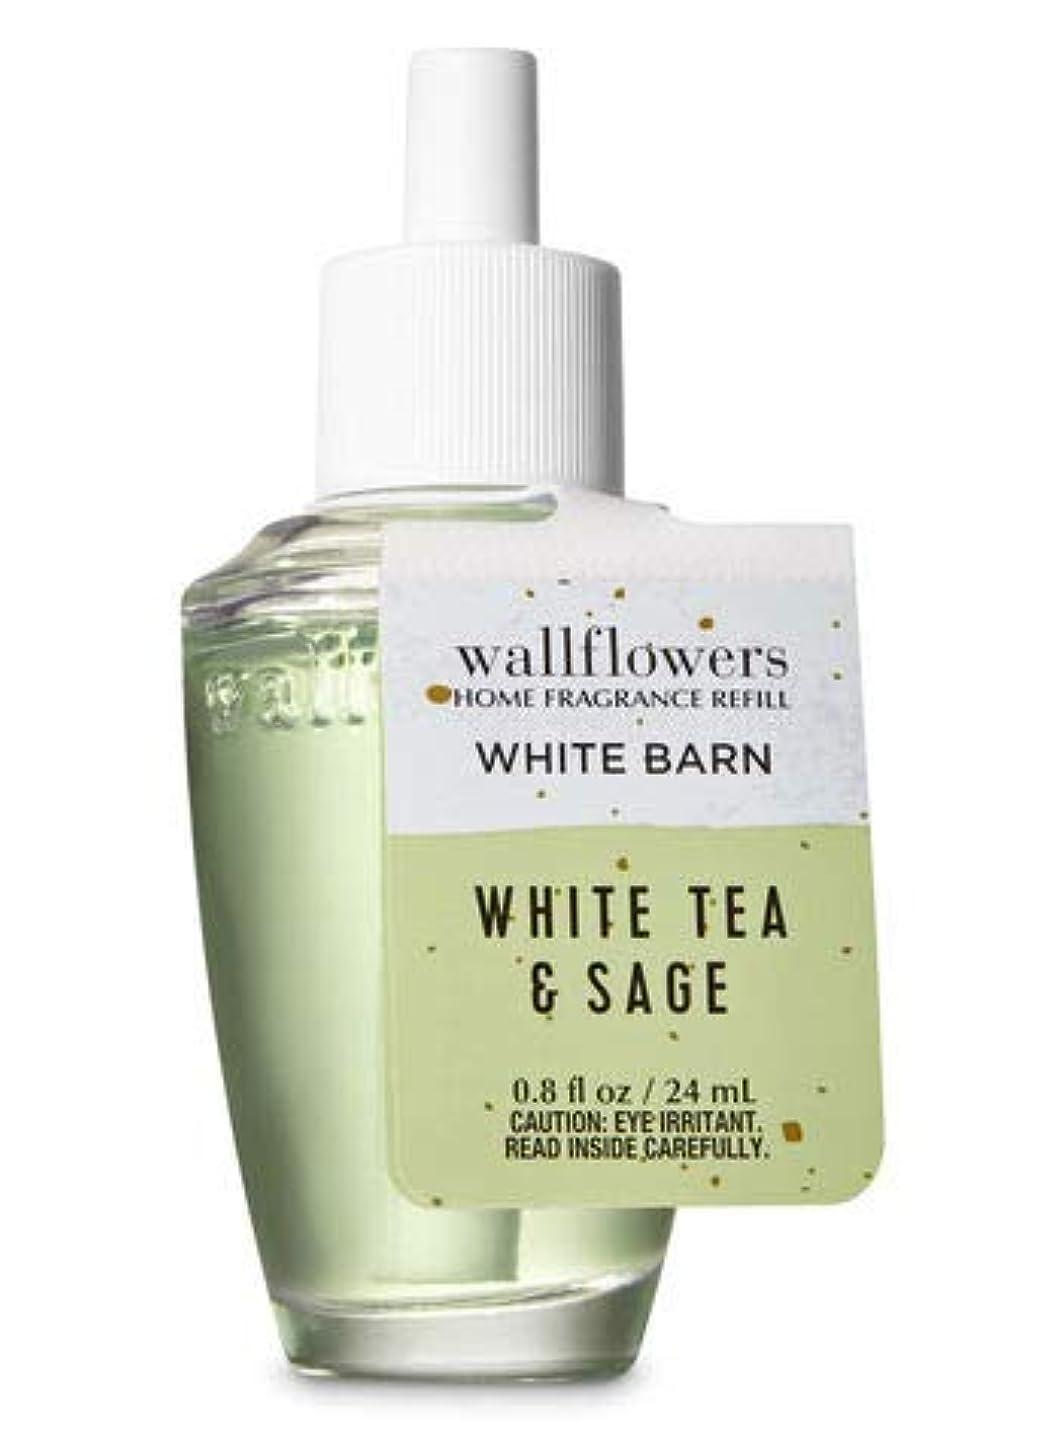 老人金属永遠の【Bath&Body Works/バス&ボディワークス】 ルームフレグランス 詰替えリフィル ホワイトティー&セージ Wallflowers Home Fragrance Refill White Tea & Sage [並行輸入品]